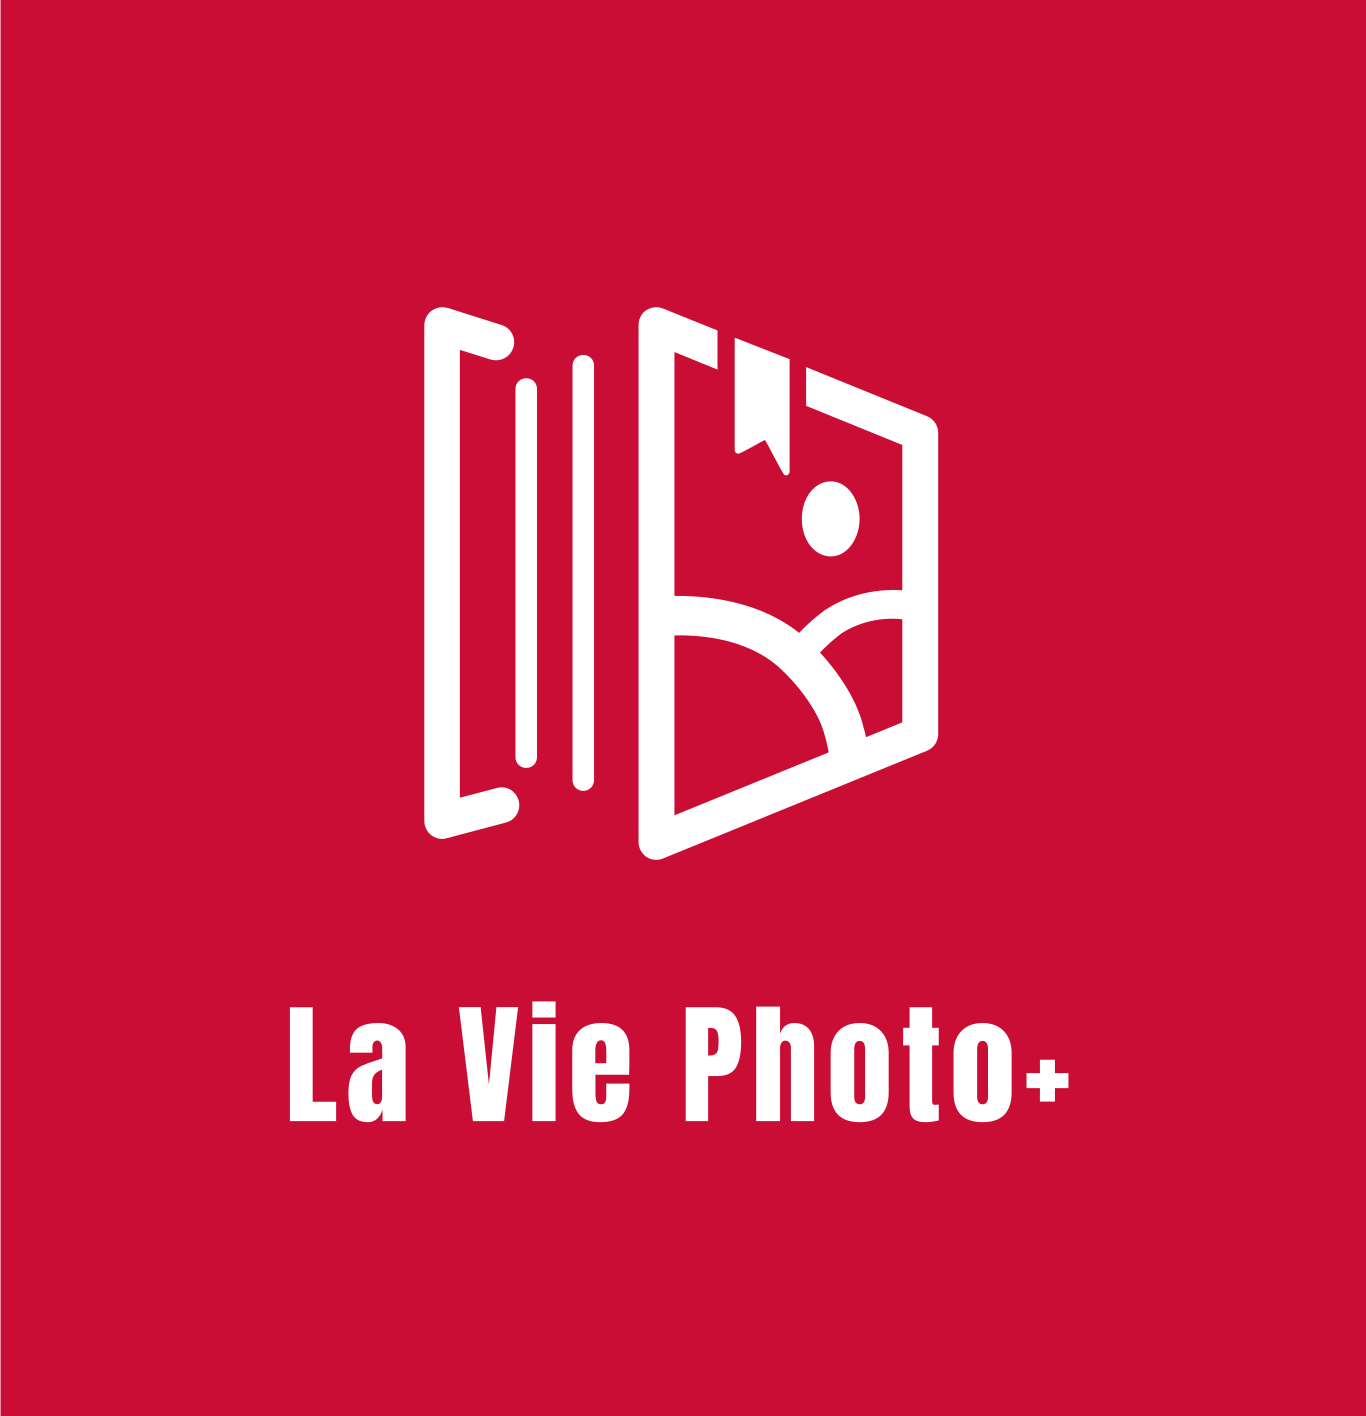 La Vie Photo